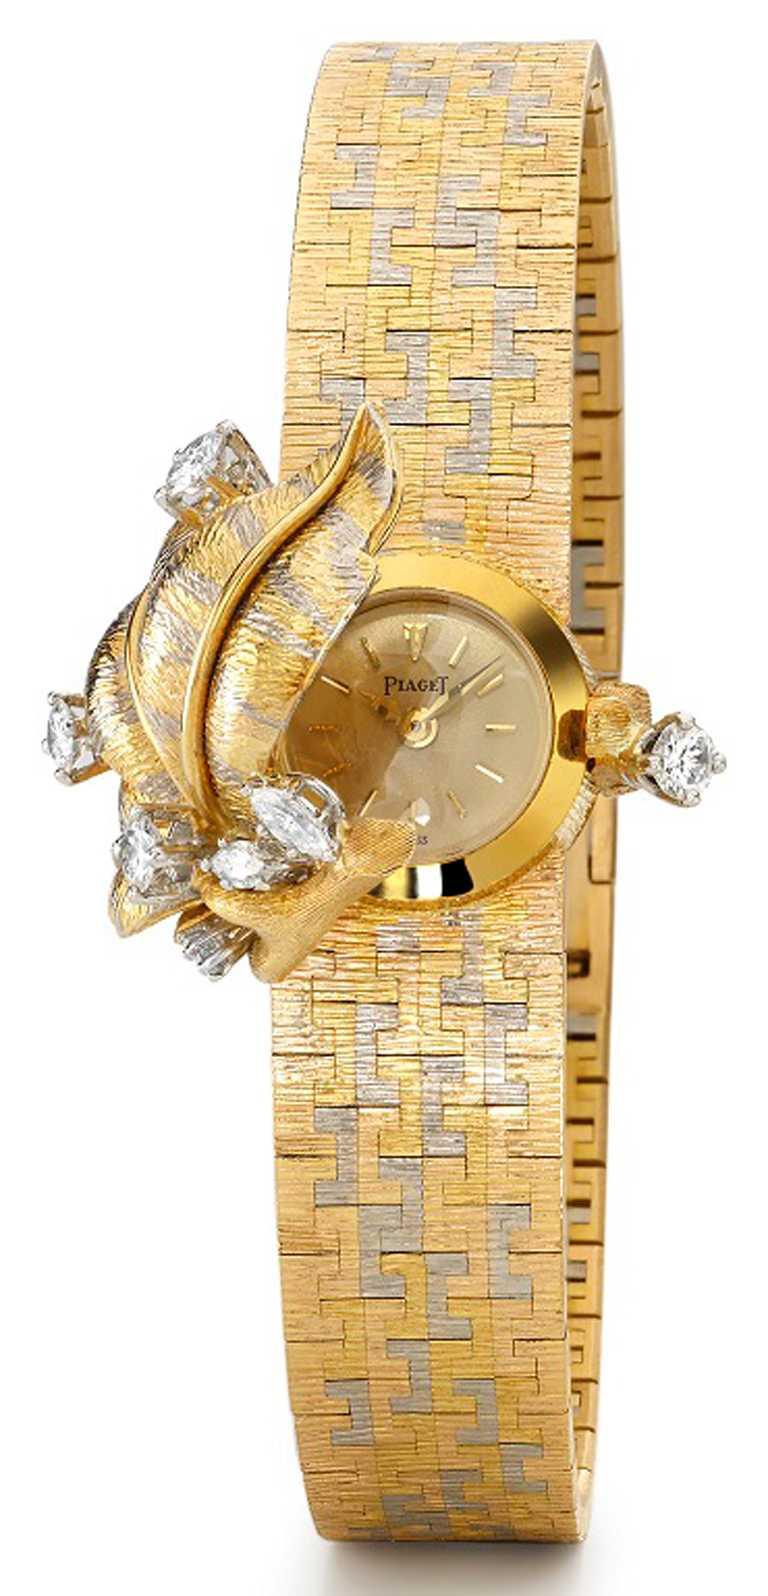 PIAGET伯爵1963年作品,為一款搭載「6N手動上鍊機芯」的神秘腕錶。(圖╱PIAGET提供)